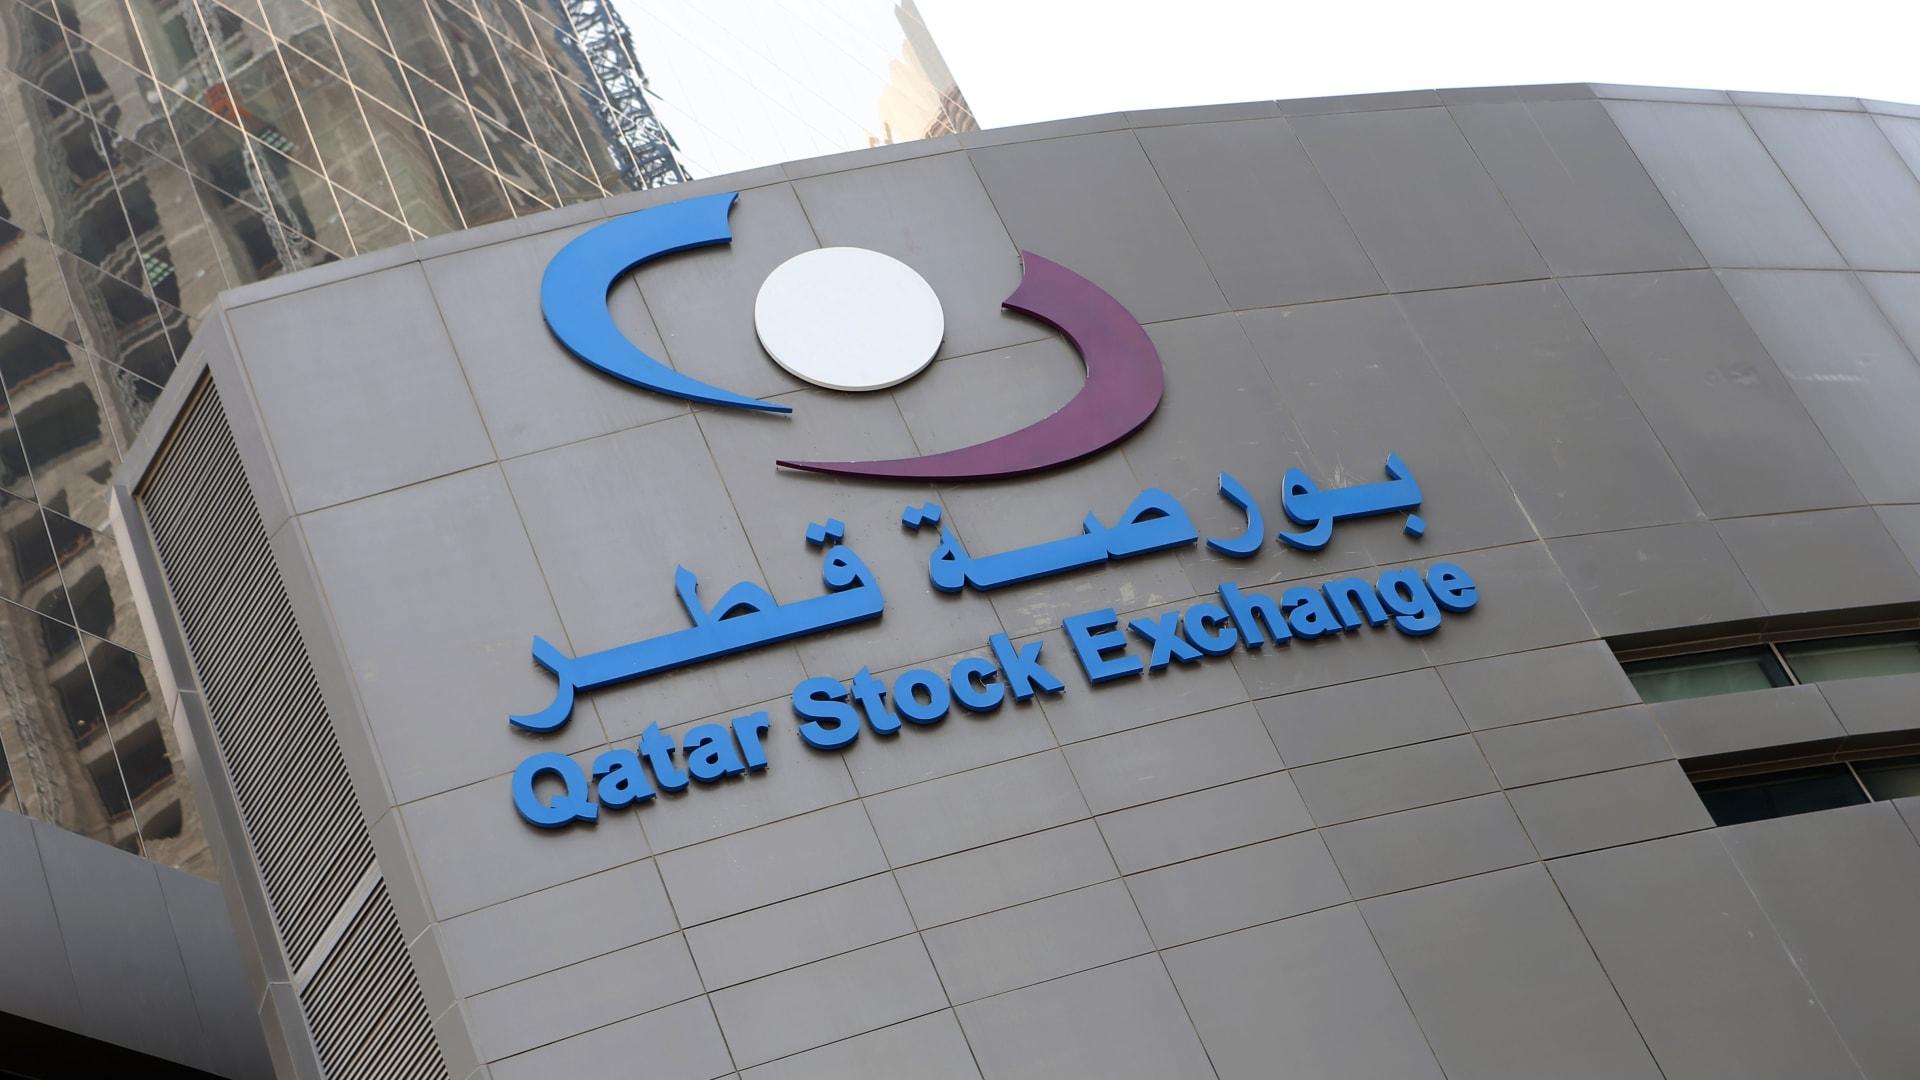 قطر ستسمح لغير القطريين بتملك 100% من الشركات المدرجة بالبورصة